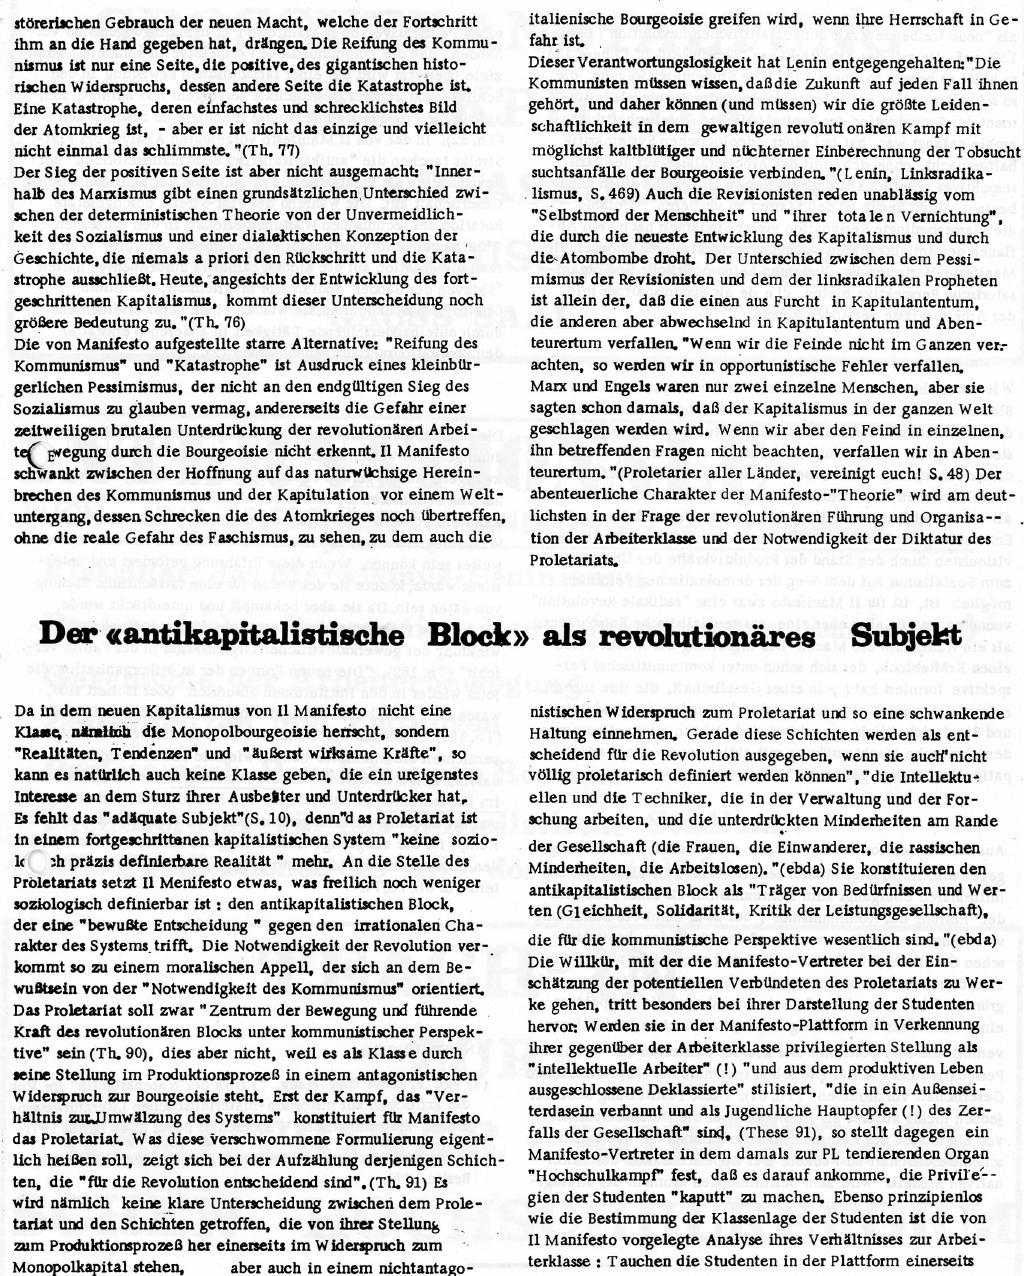 RPK_1971_141_09